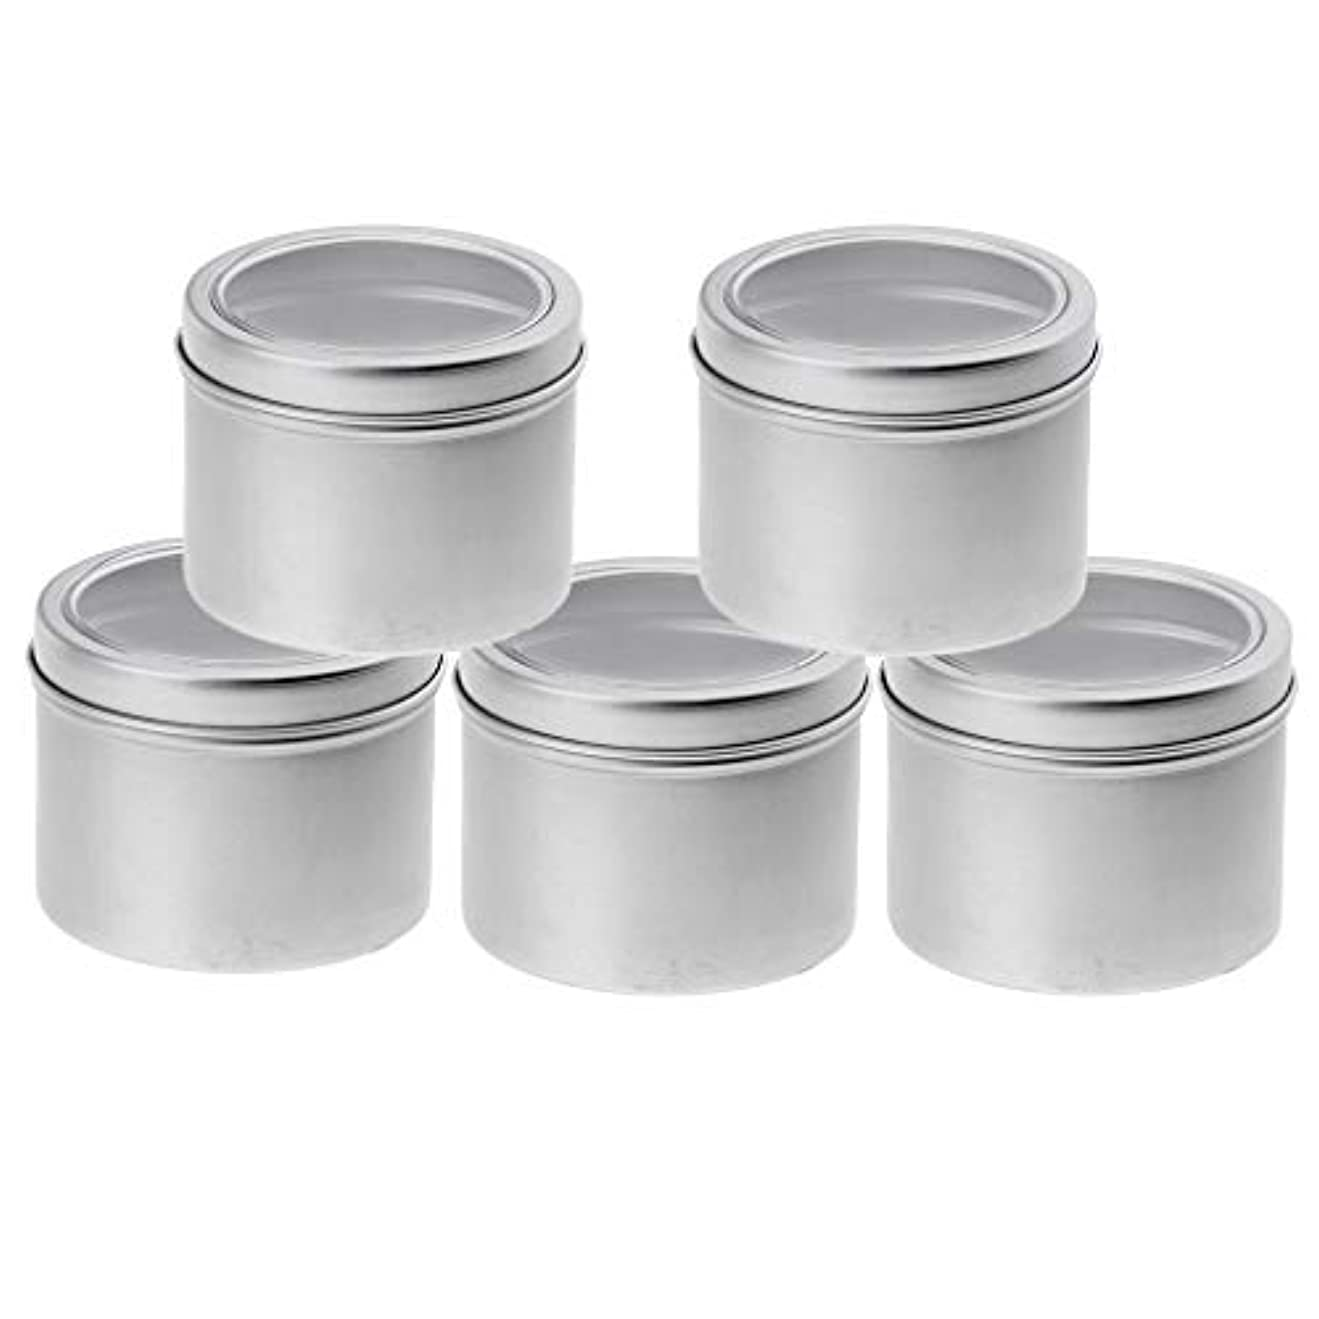 わざわざヘビプロジェクターIPOTCH 5個セット 100ml アルミ缶 小分け容器 詰め替え容器 クリームケース 化粧品 収納ボックス